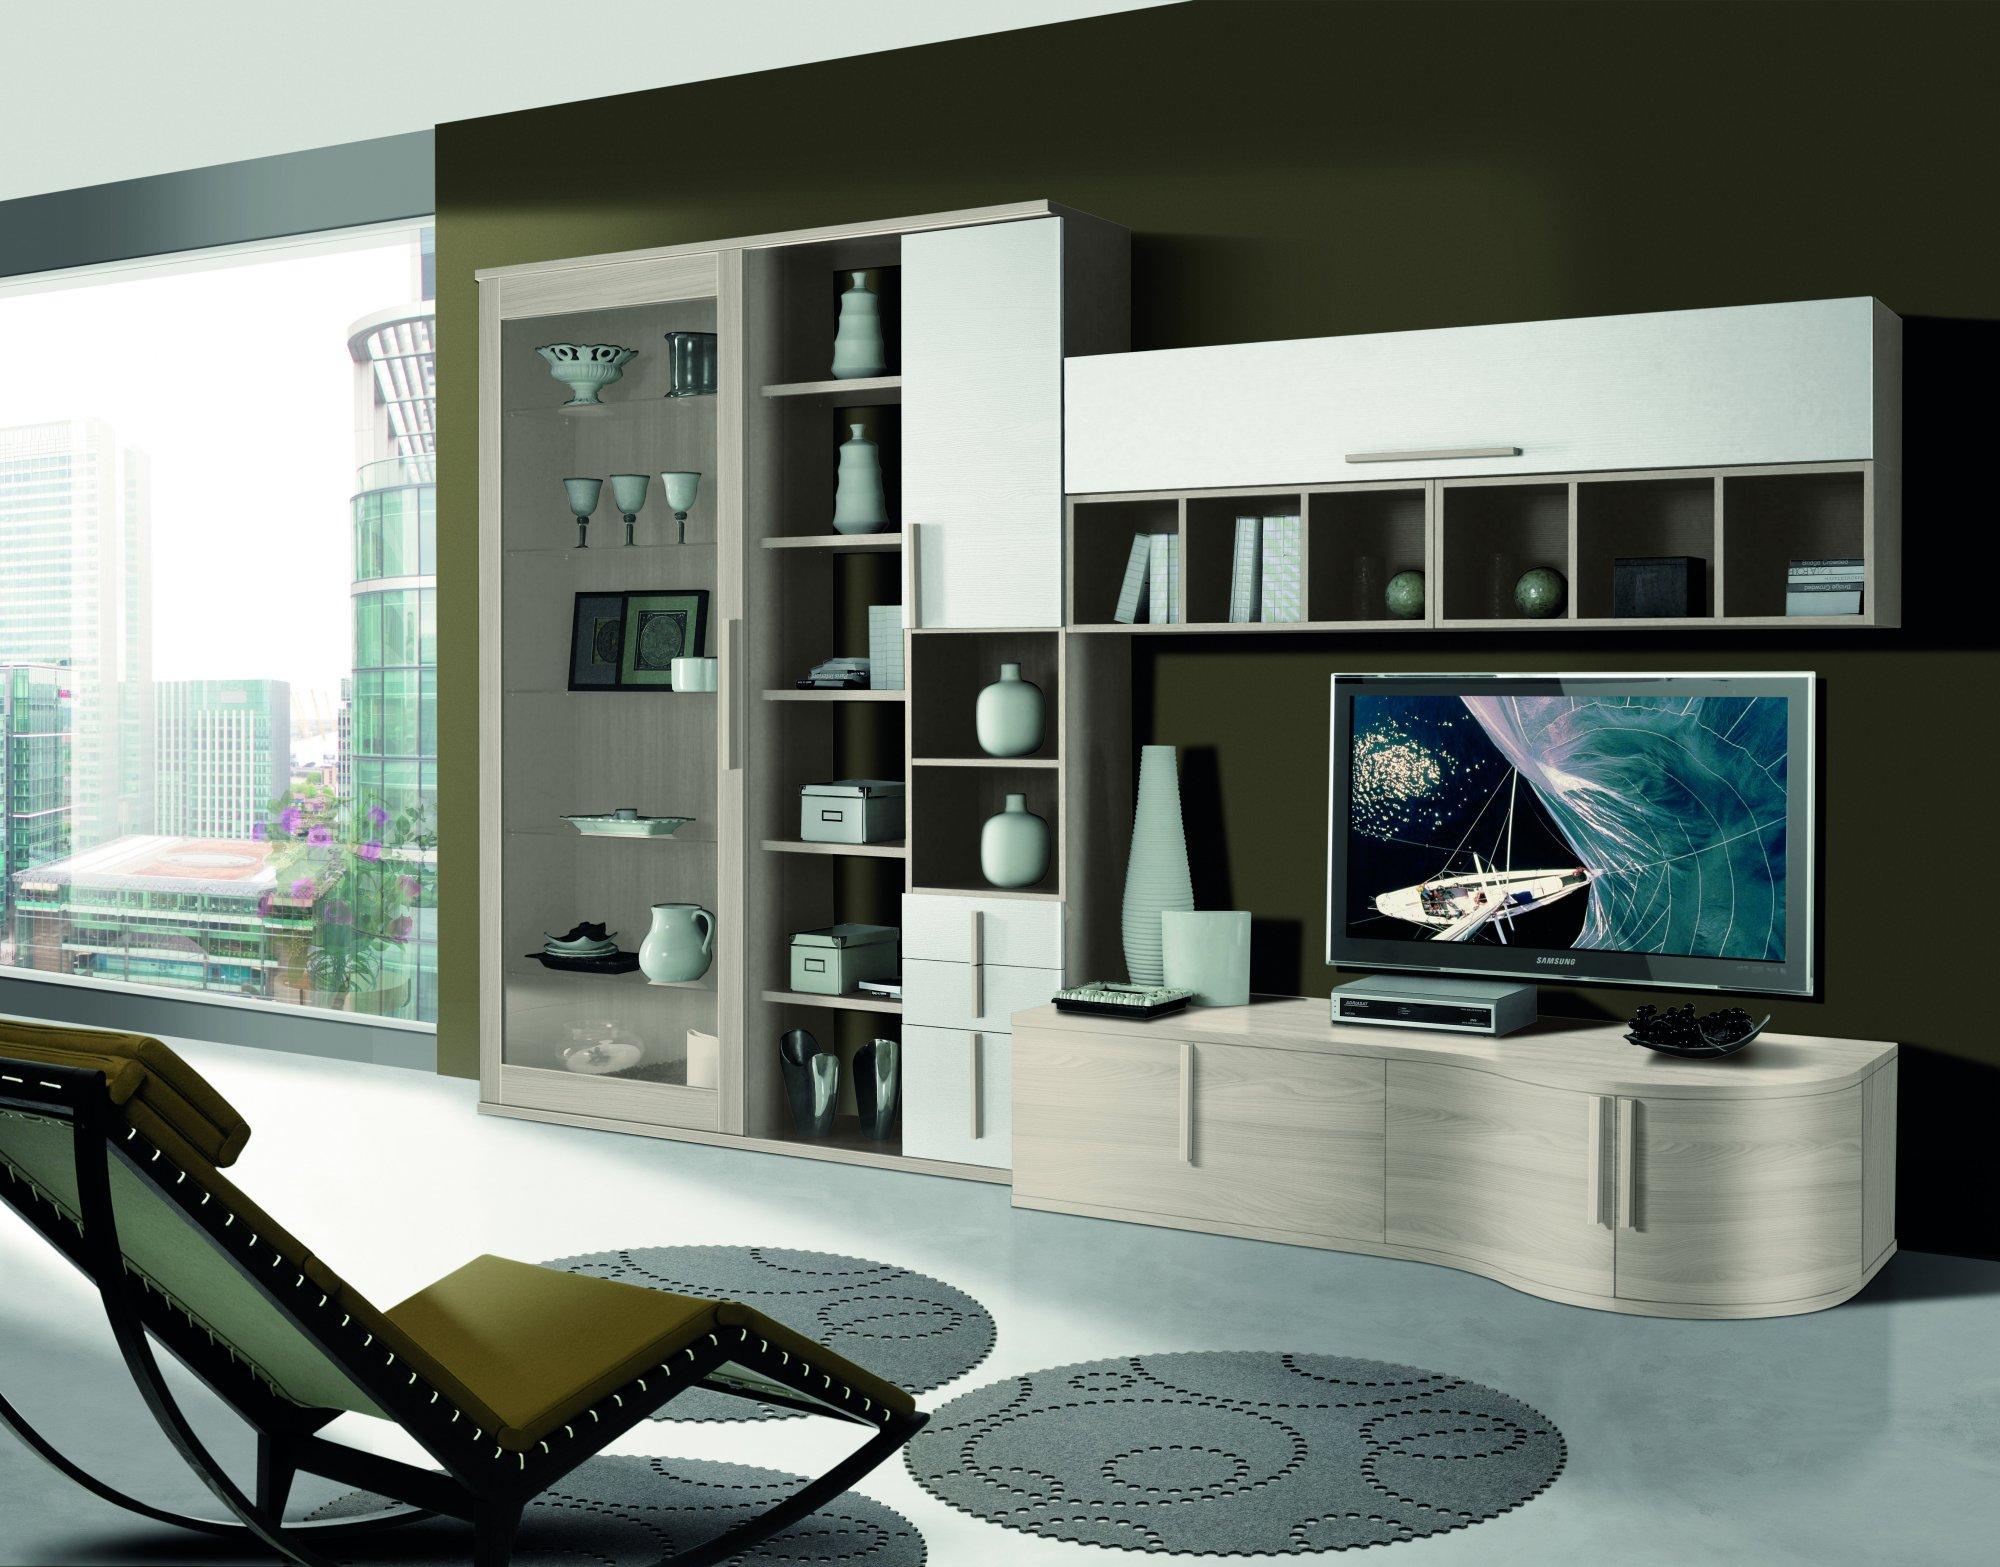 Soluzioni D Arredamento Cesena faedi davide arredamenti – i migliori arredi per la tua casa